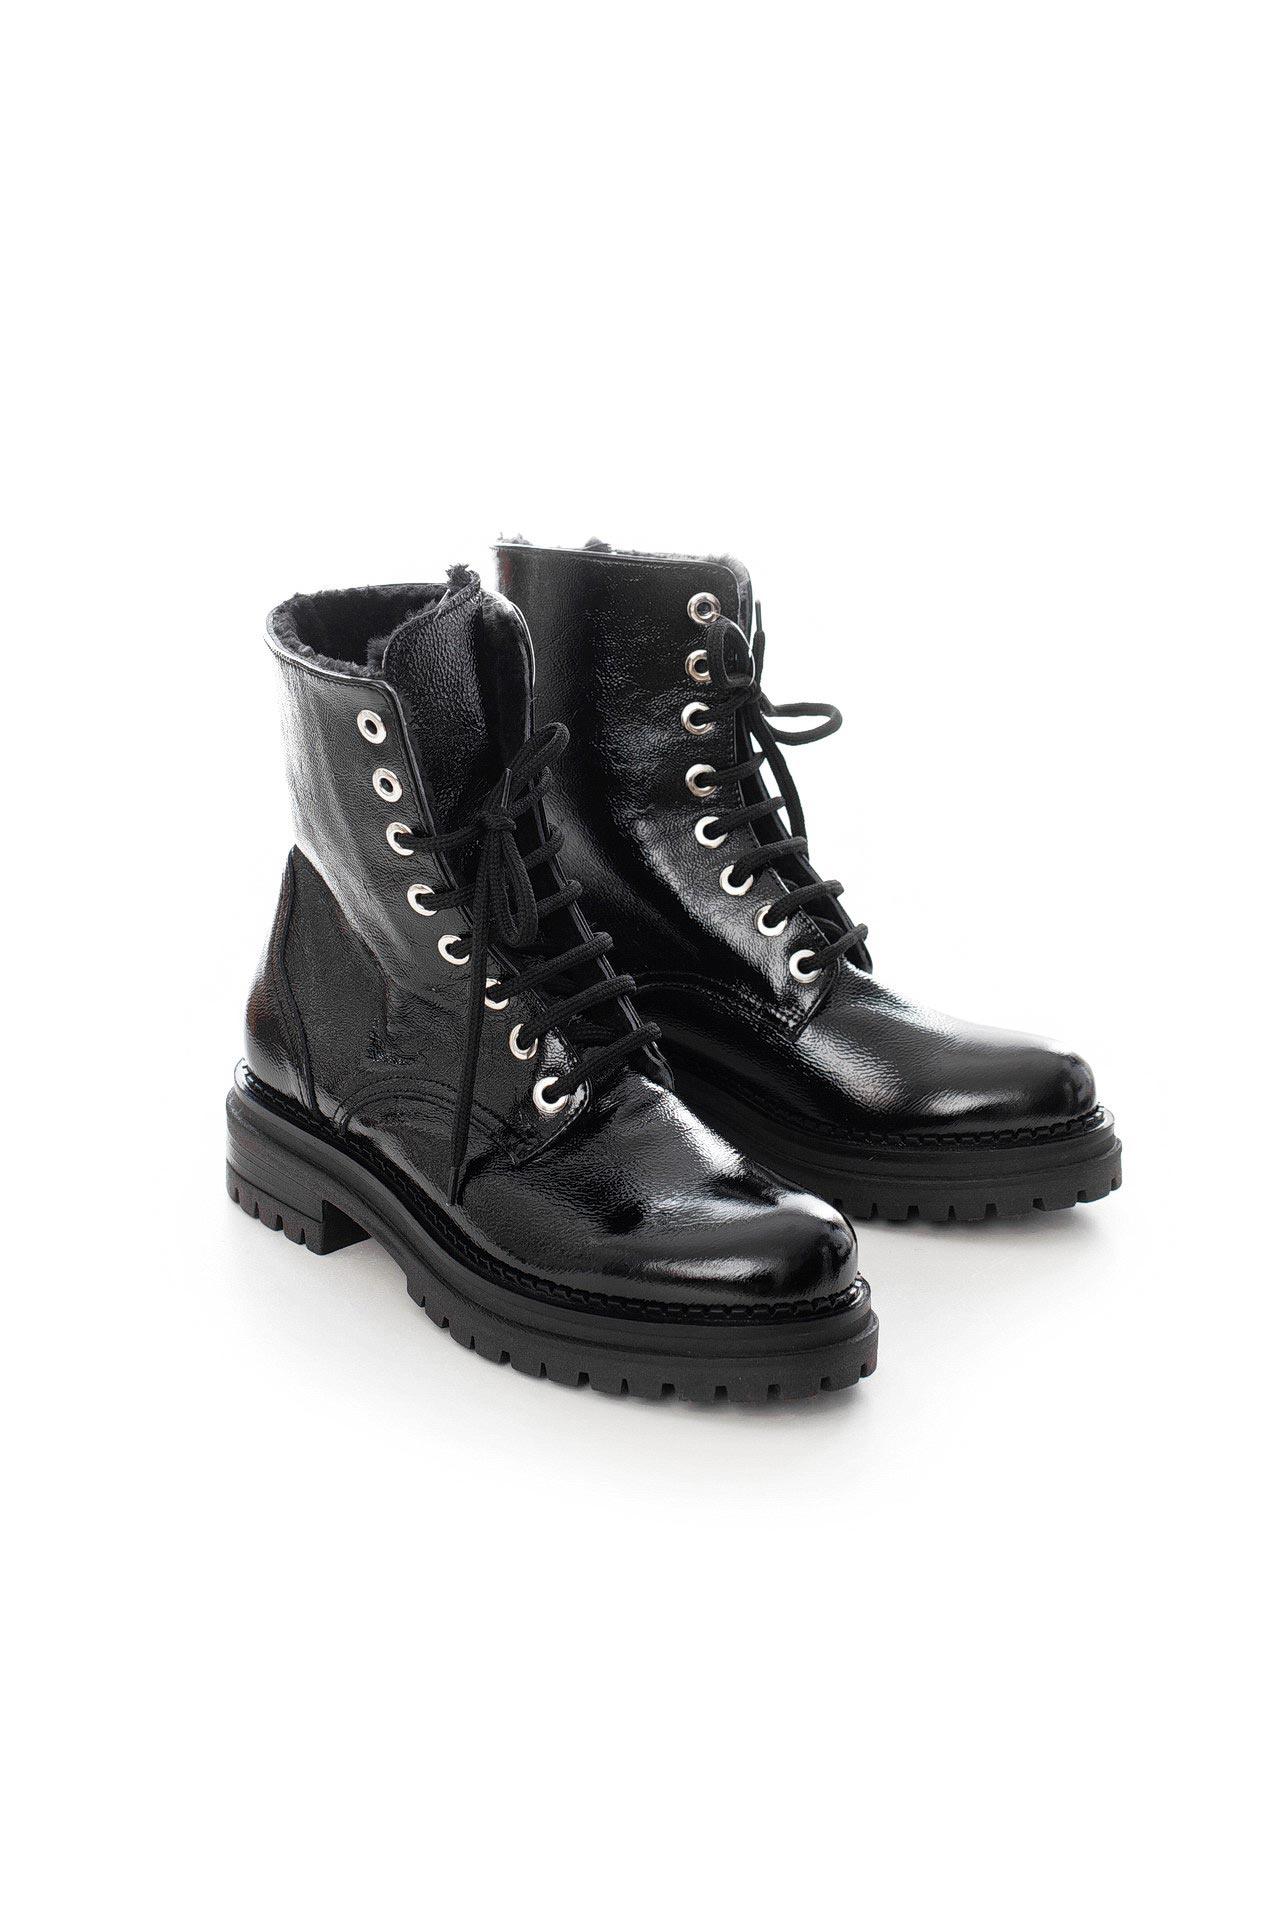 Ботинки Leticia Milano by Spaziomoda ботинки дерби кожаные на шнуровке elinor